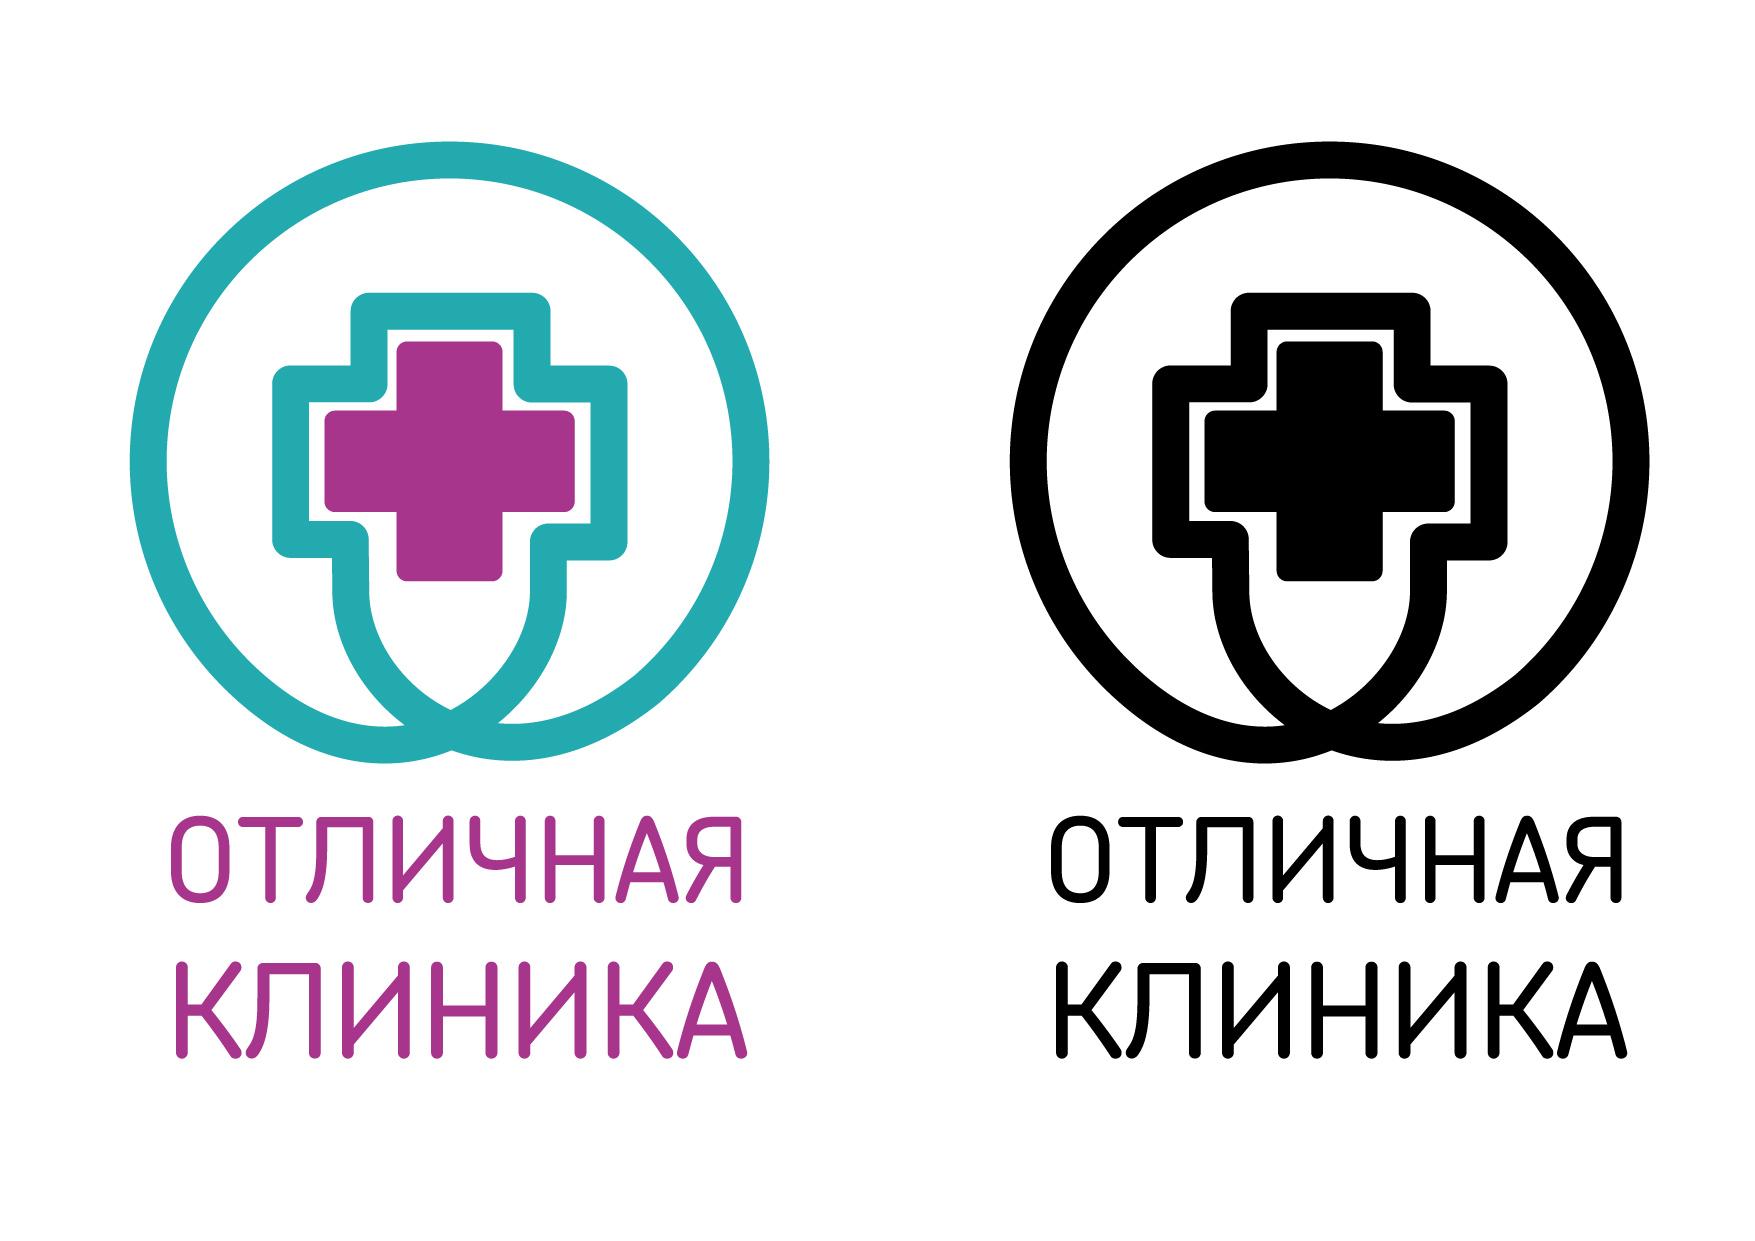 Логотип и фирменный стиль частной клиники фото f_9535c926cb39a2c9.jpg